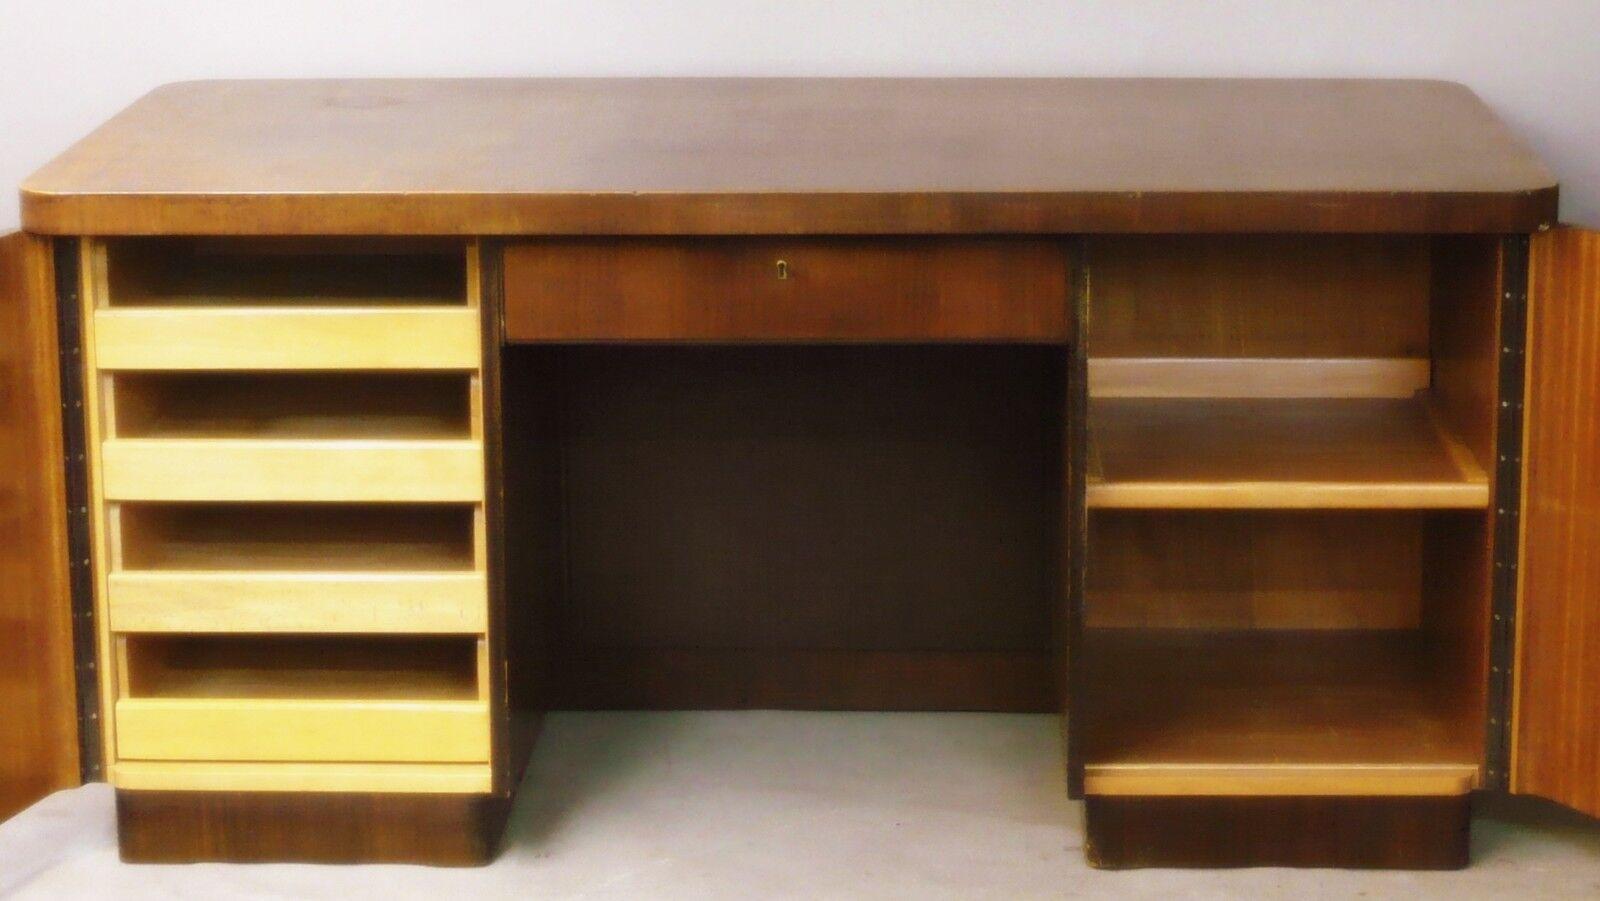 schreibtisch art deco bauhaus palisander frei stellbar. Black Bedroom Furniture Sets. Home Design Ideas